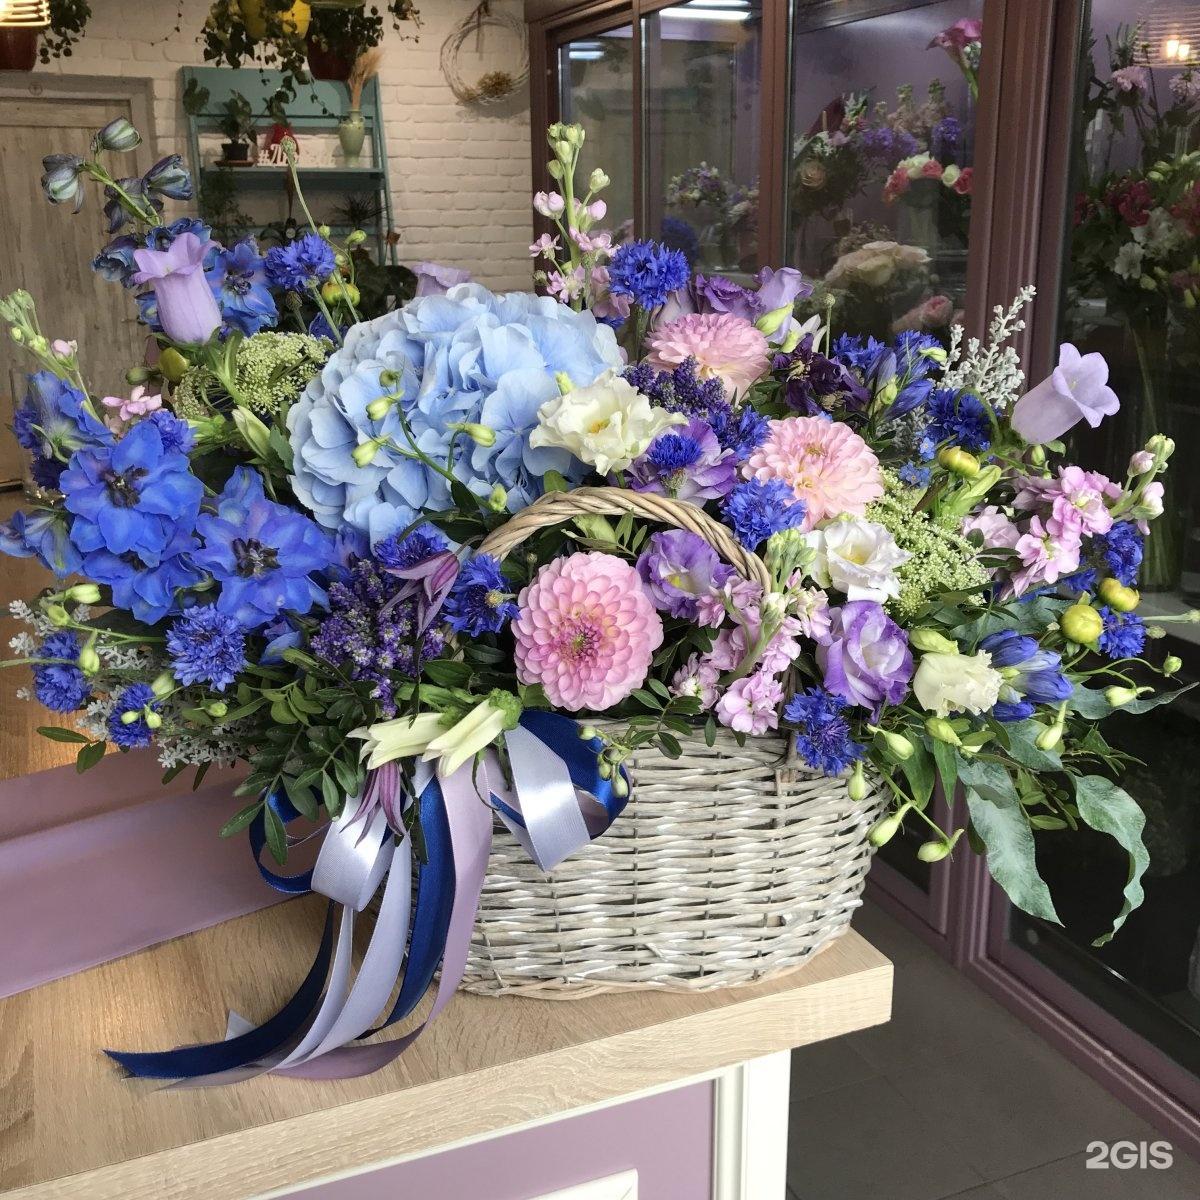 Цветы волгодонске, интернет магазин цветов саратов